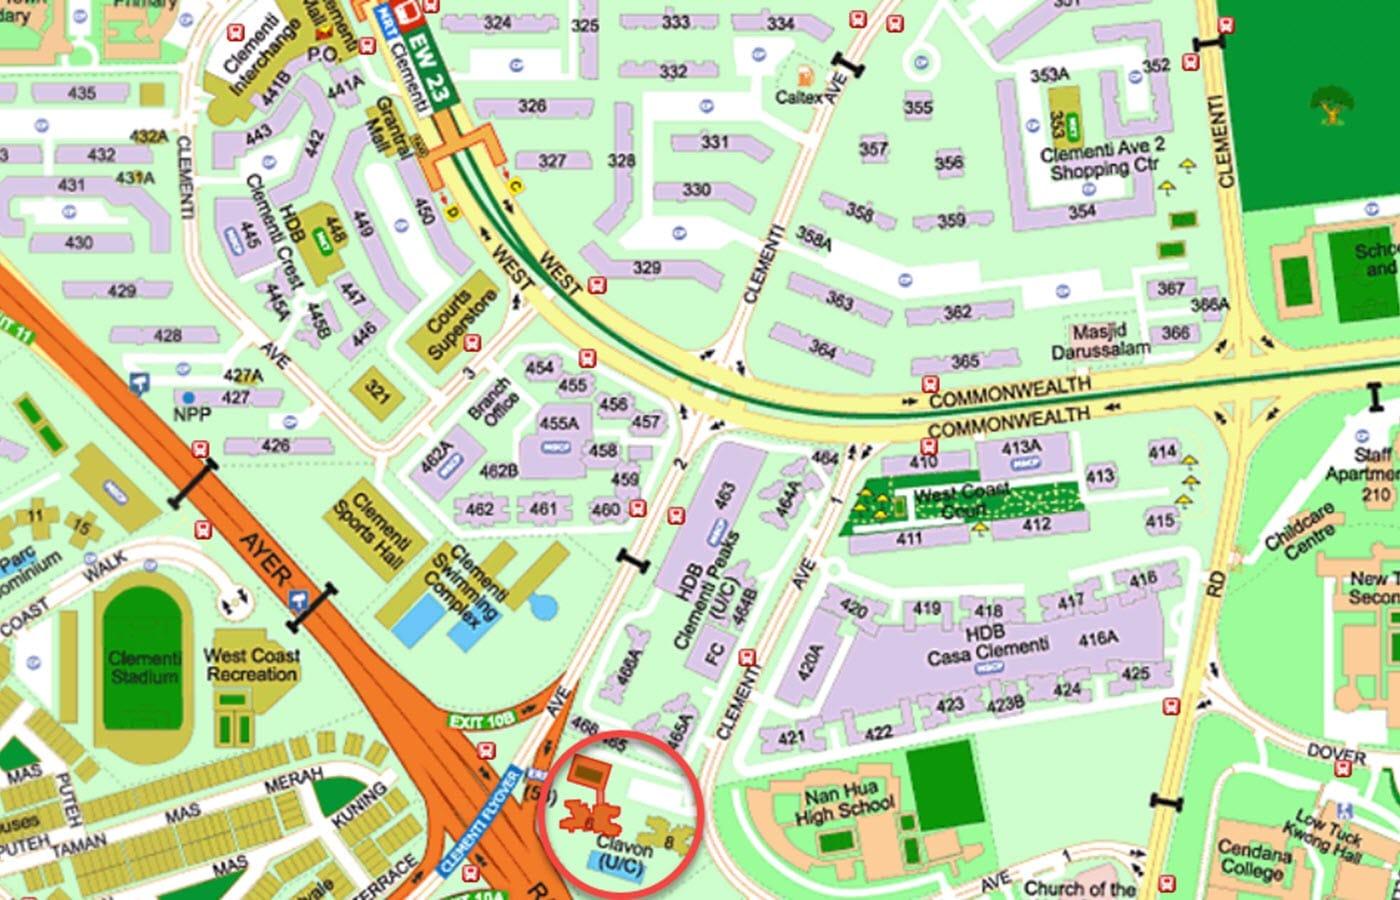 Clavon Condo Location -Street Directory Map